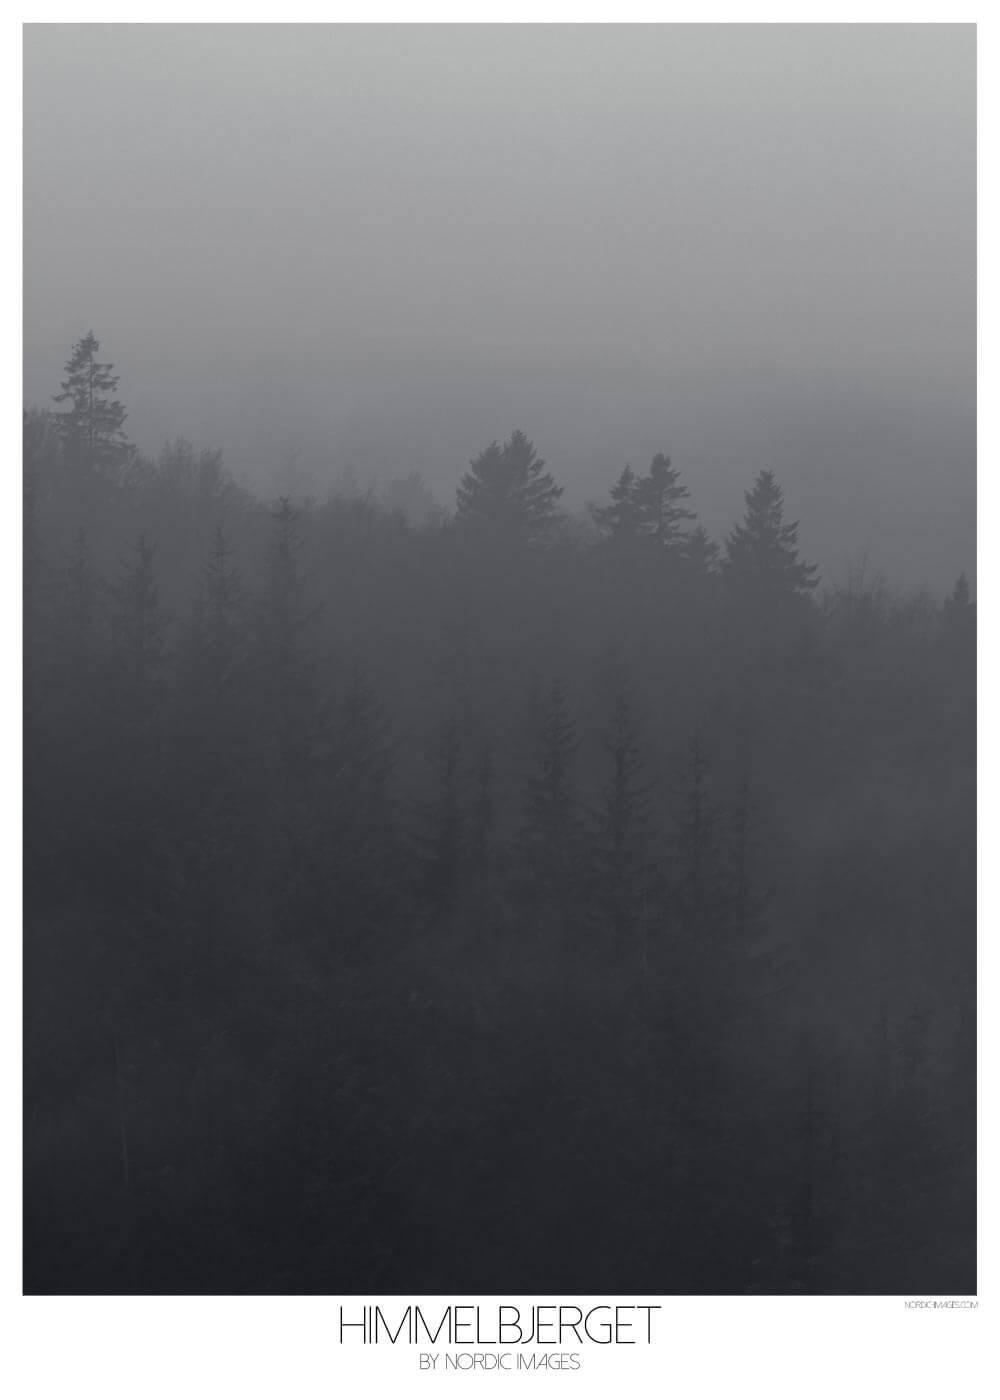 Billede af Himmelbjerget - Brian Lichtenstein plakat